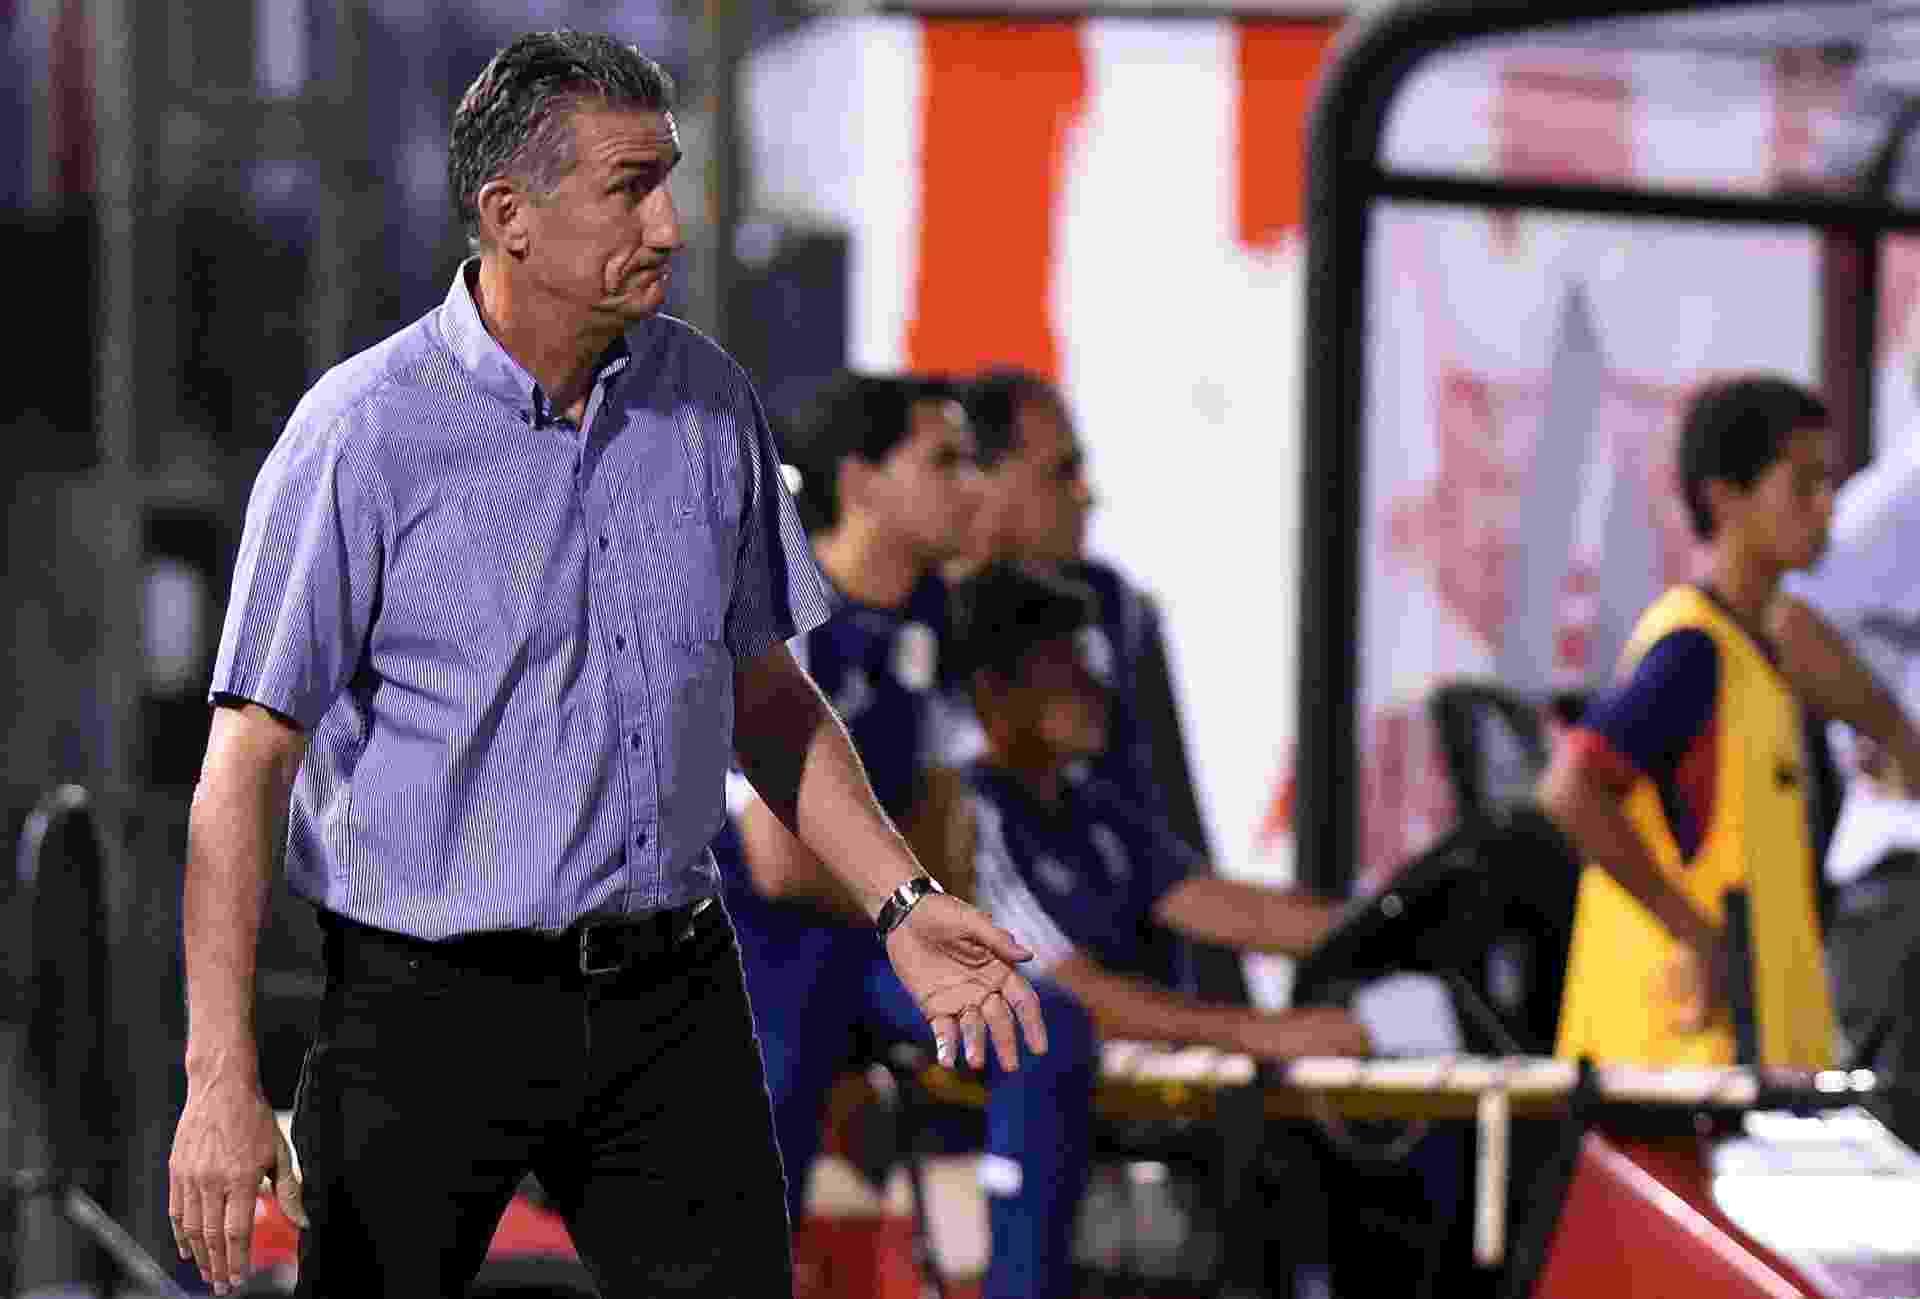 Técnico Bauza orienta jogadores do São Paulo na partida da equipe contra o Cerro Porteño - AFP PHOTO / NORBERTO DUARTE